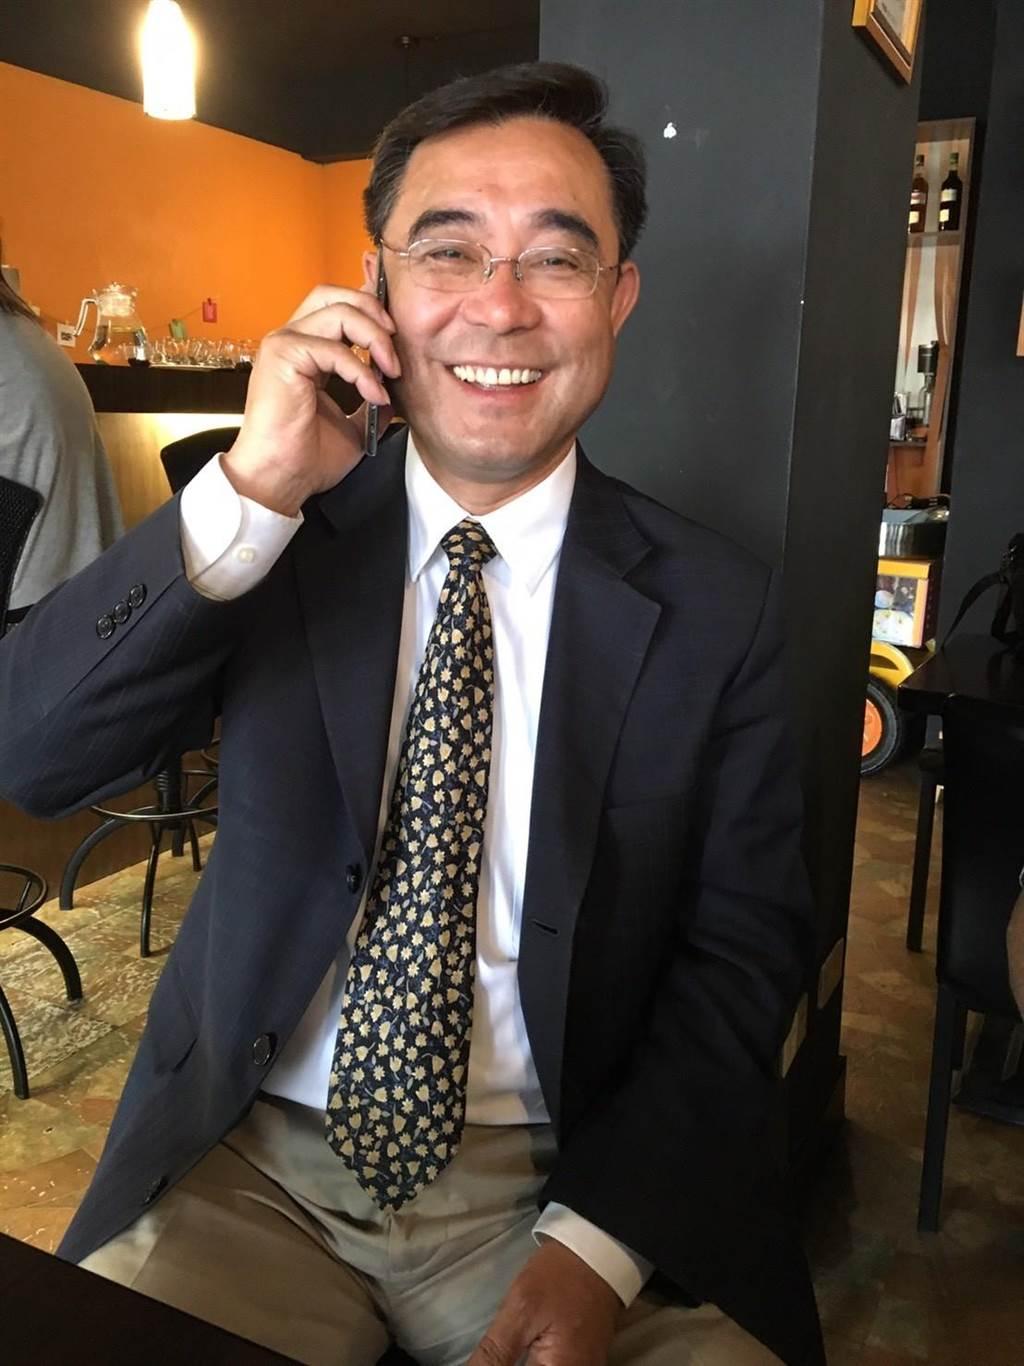 曾3任立委、2任副縣長的新黨吳成典,也在評估加入戰局的可能性。(李金生攝)